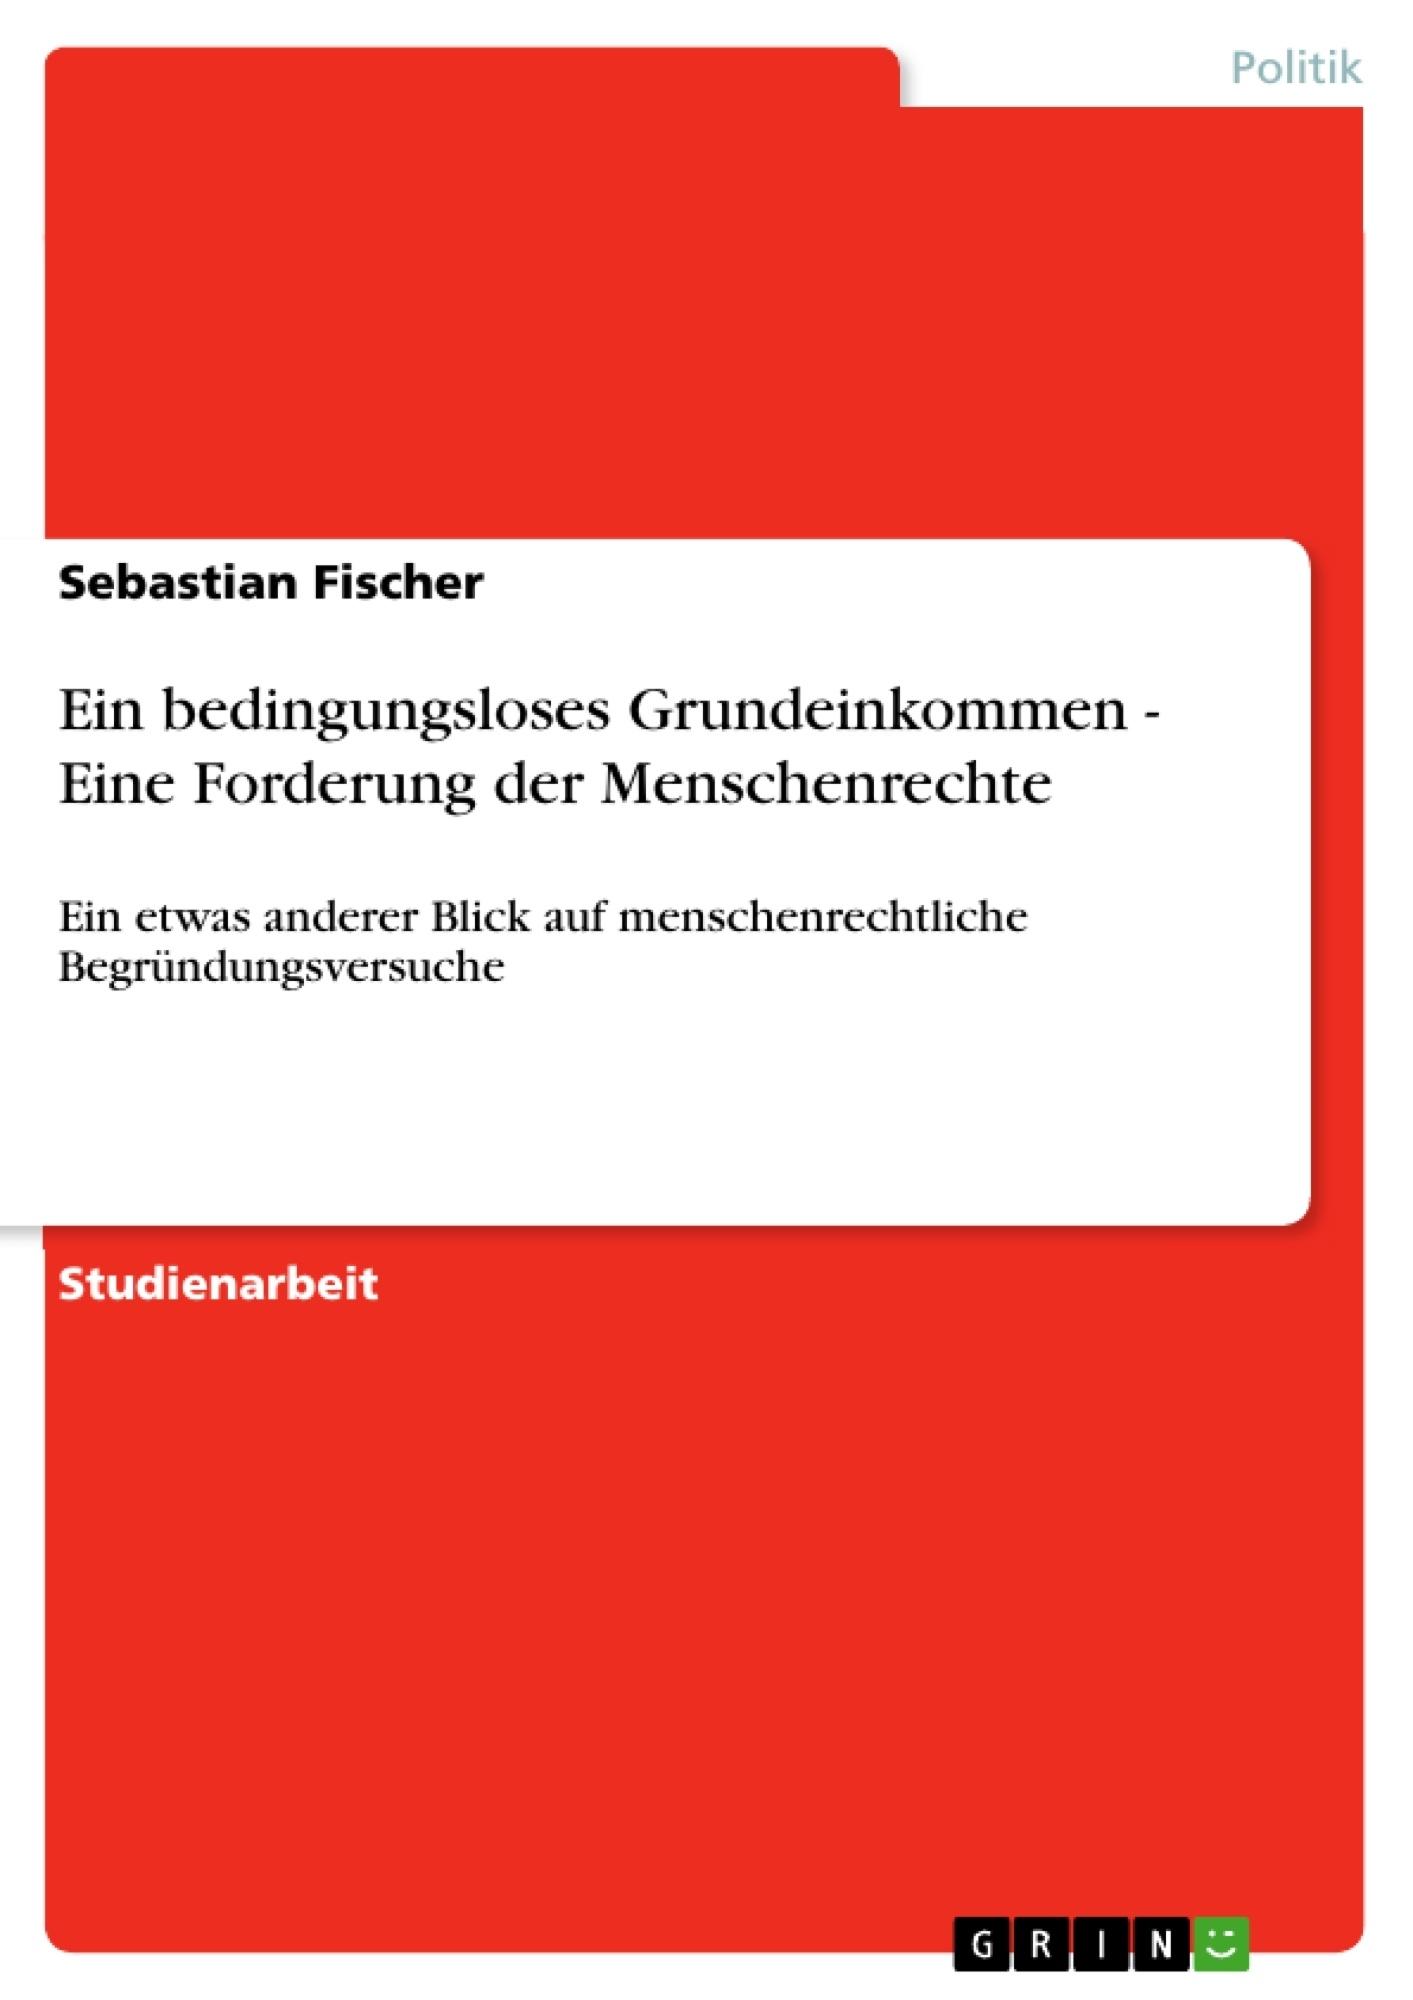 Titel: Ein bedingungsloses Grundeinkommen - Eine Forderung der Menschenrechte